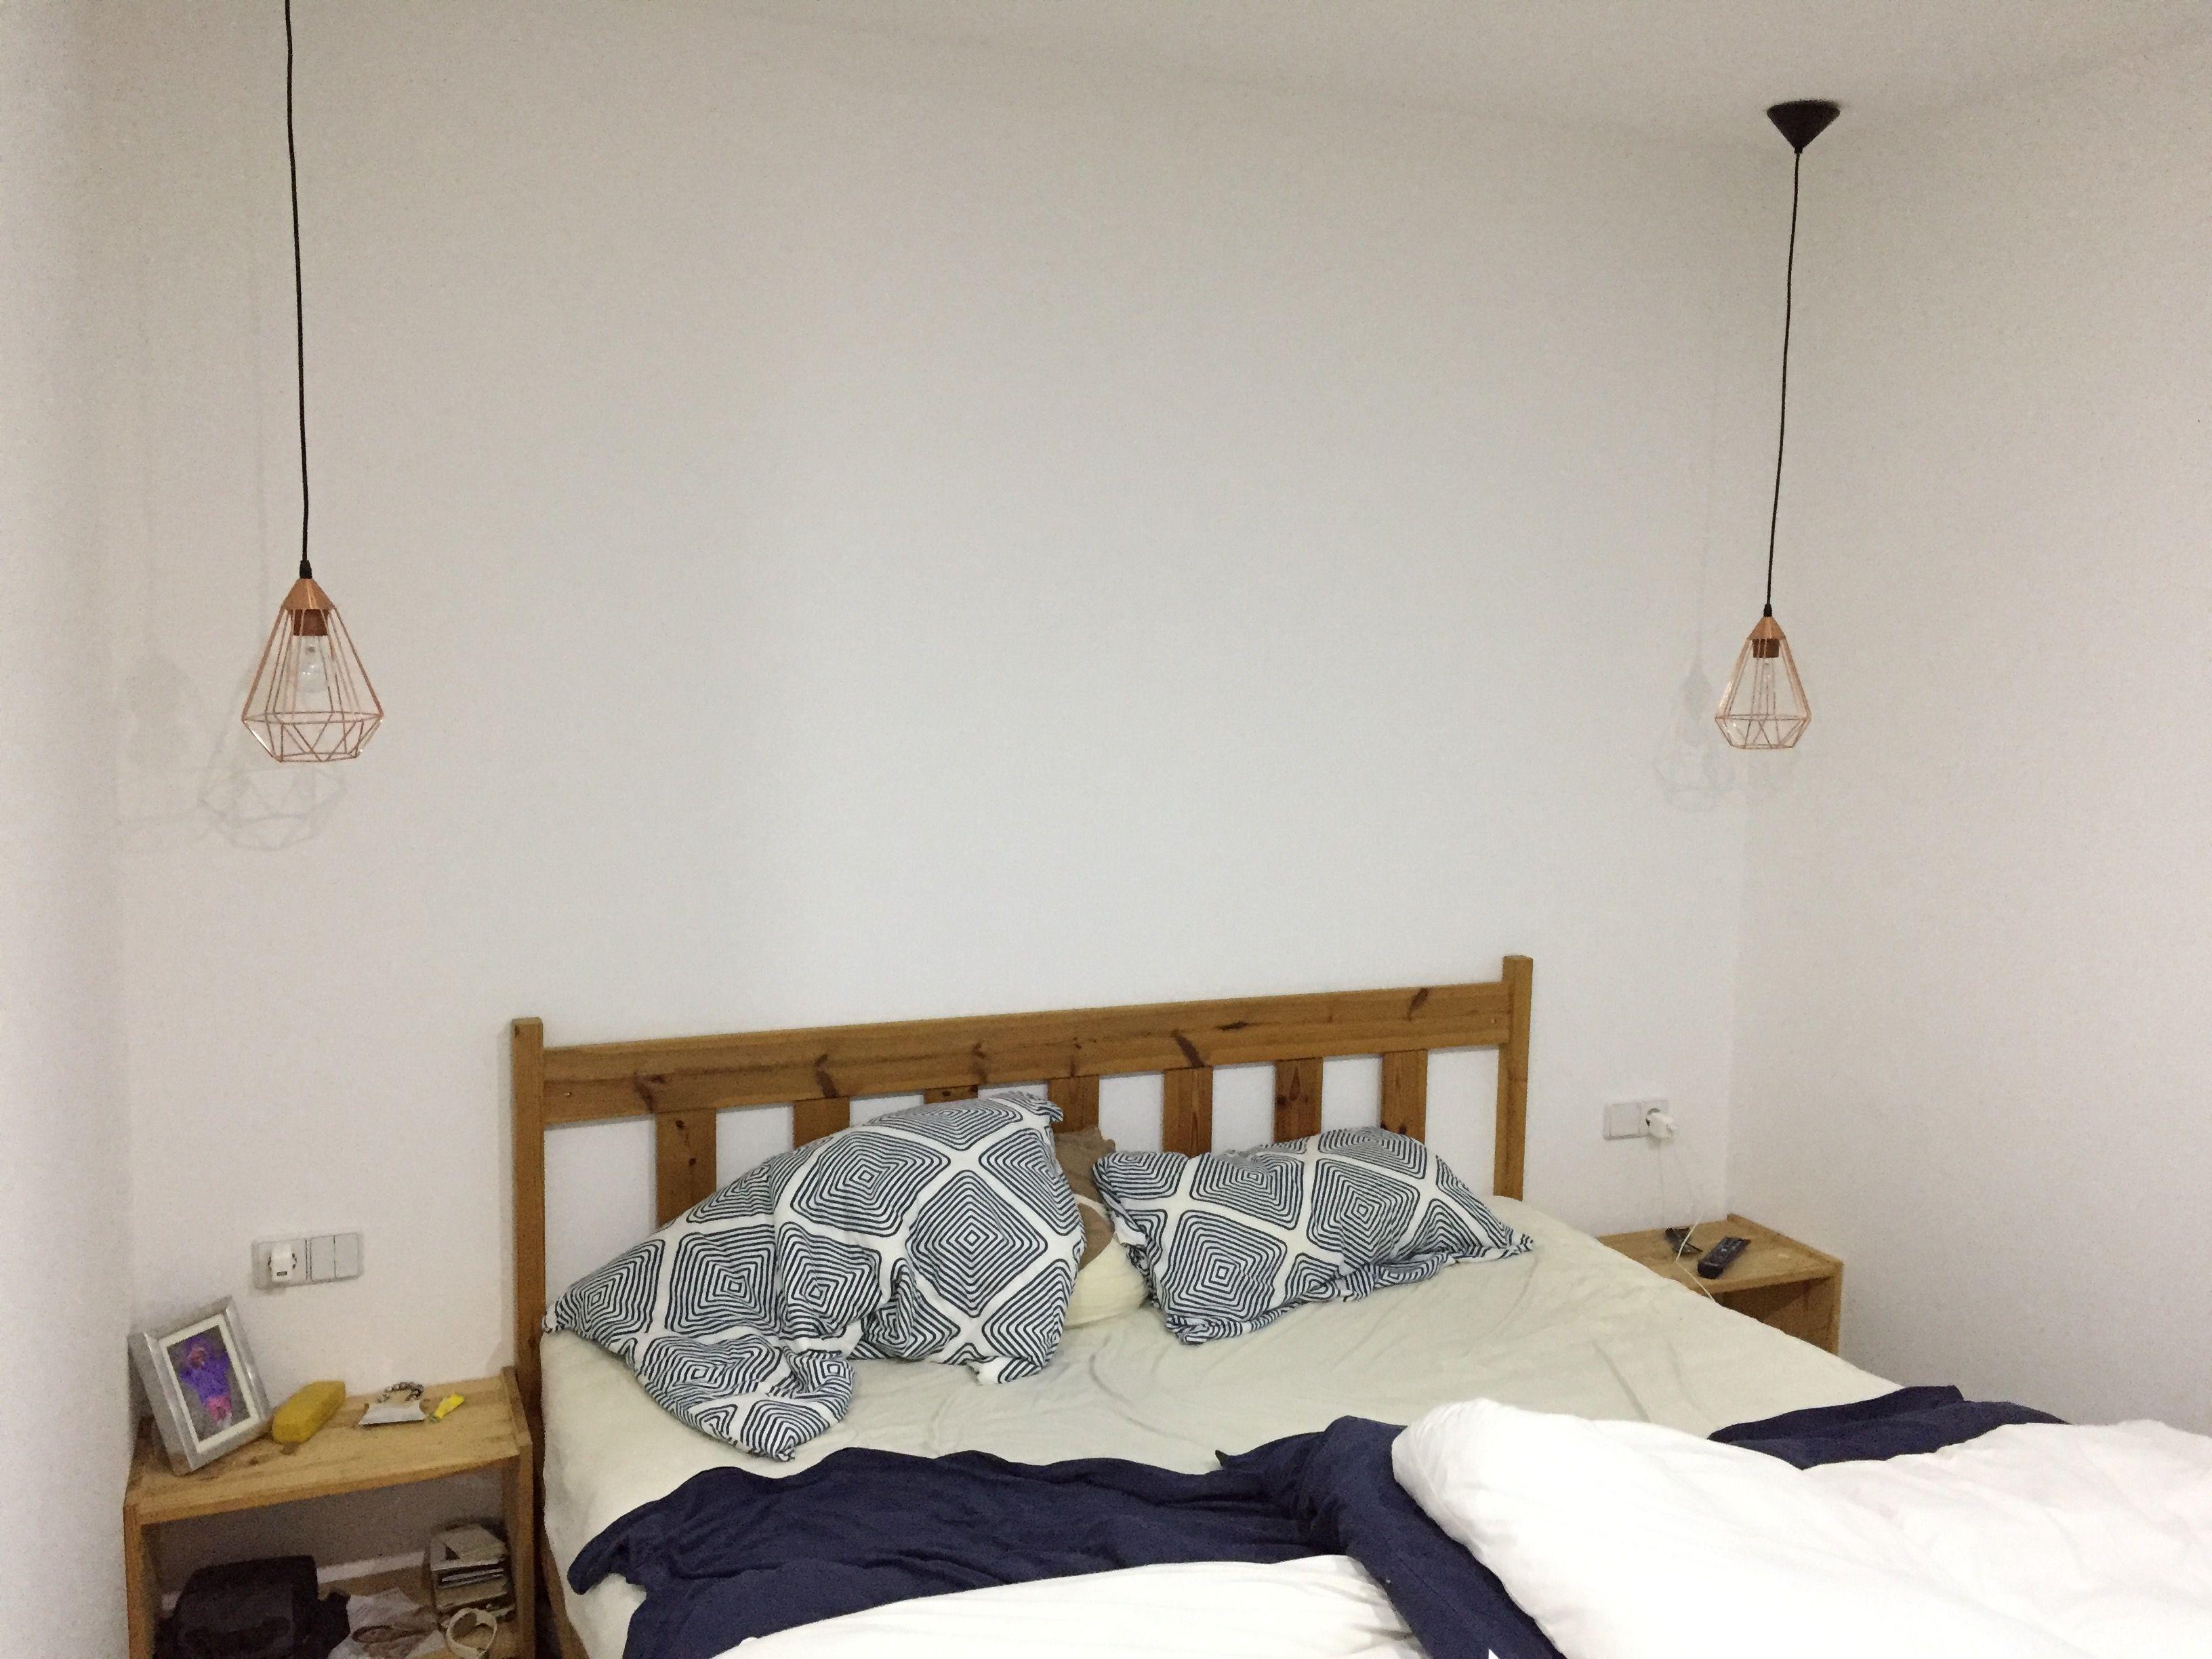 Hängeleuchte - Schlafzimmer   selbtgemacht - my home ...